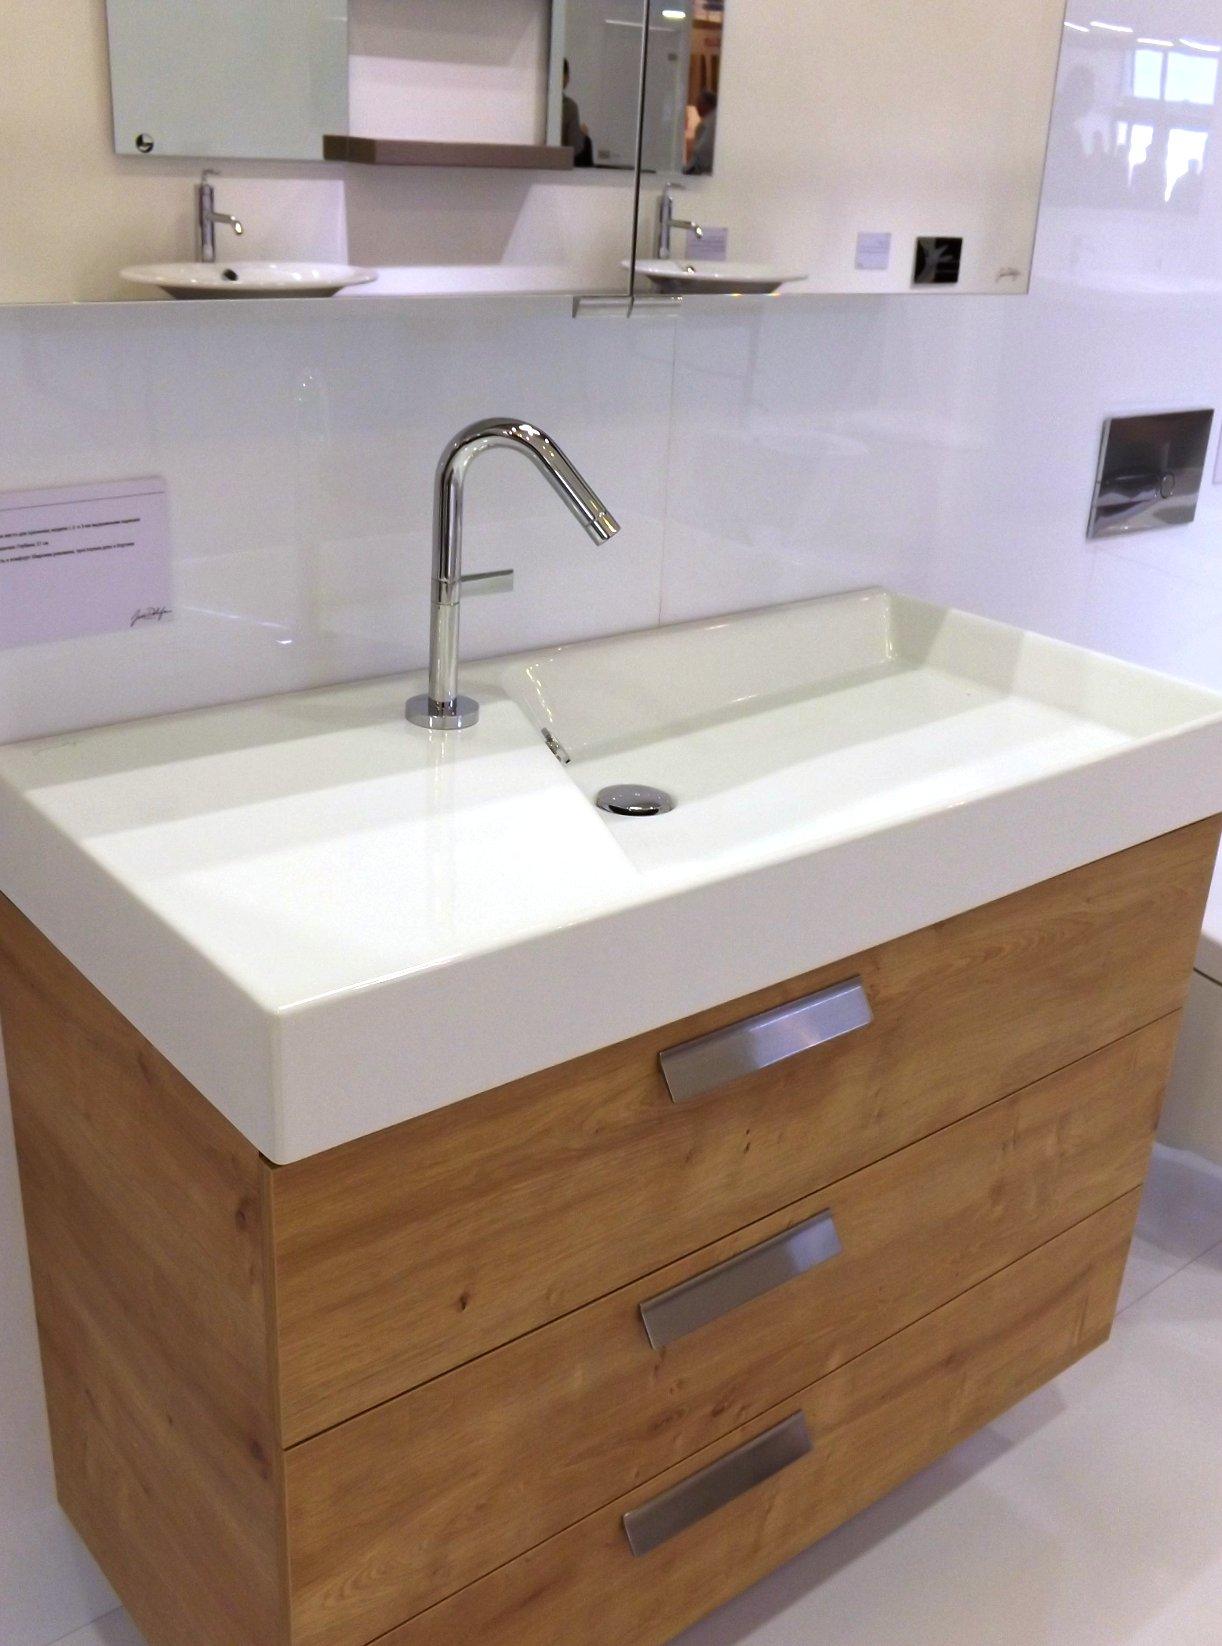 Модные тренды сантехники и аксессуаров для ванной 2016: умывальник с зеркальным шкафом и тумбой на экспозиции от Jacob Delafon во время выставки MosBuild